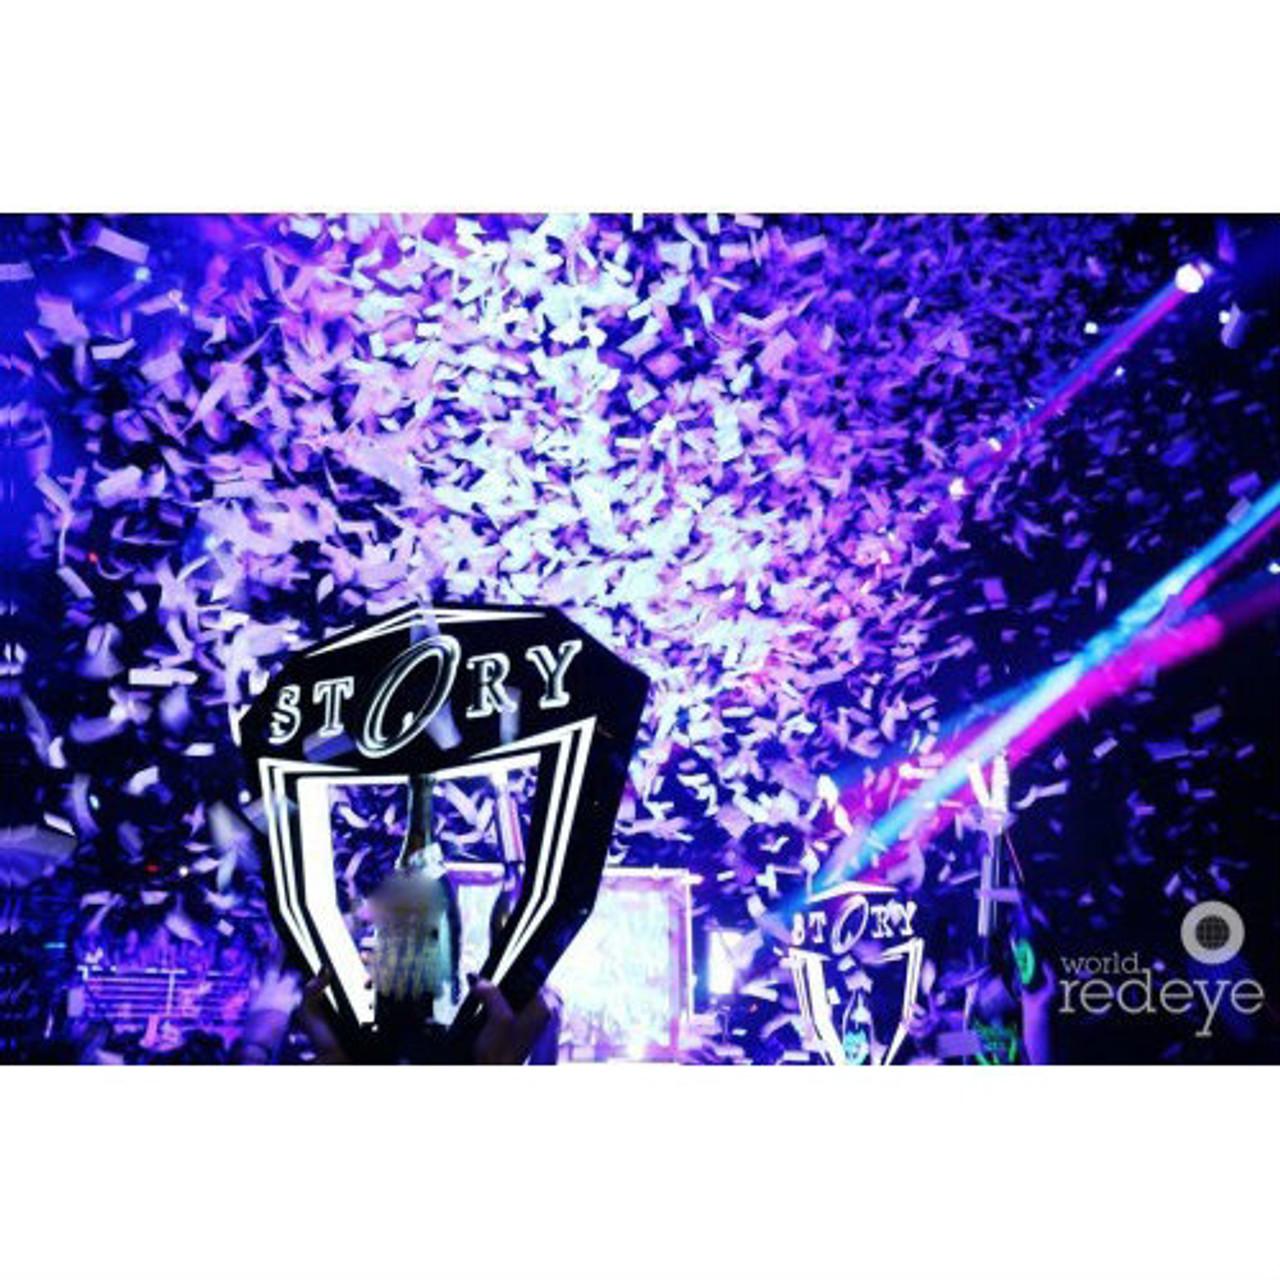 Champagne, 750 ml., LED tray, bottle Tray, celebration, Bottle, Service, Delivery,Hypemakerz,presentation, presenter,LED,LIV,Tray, Hype,